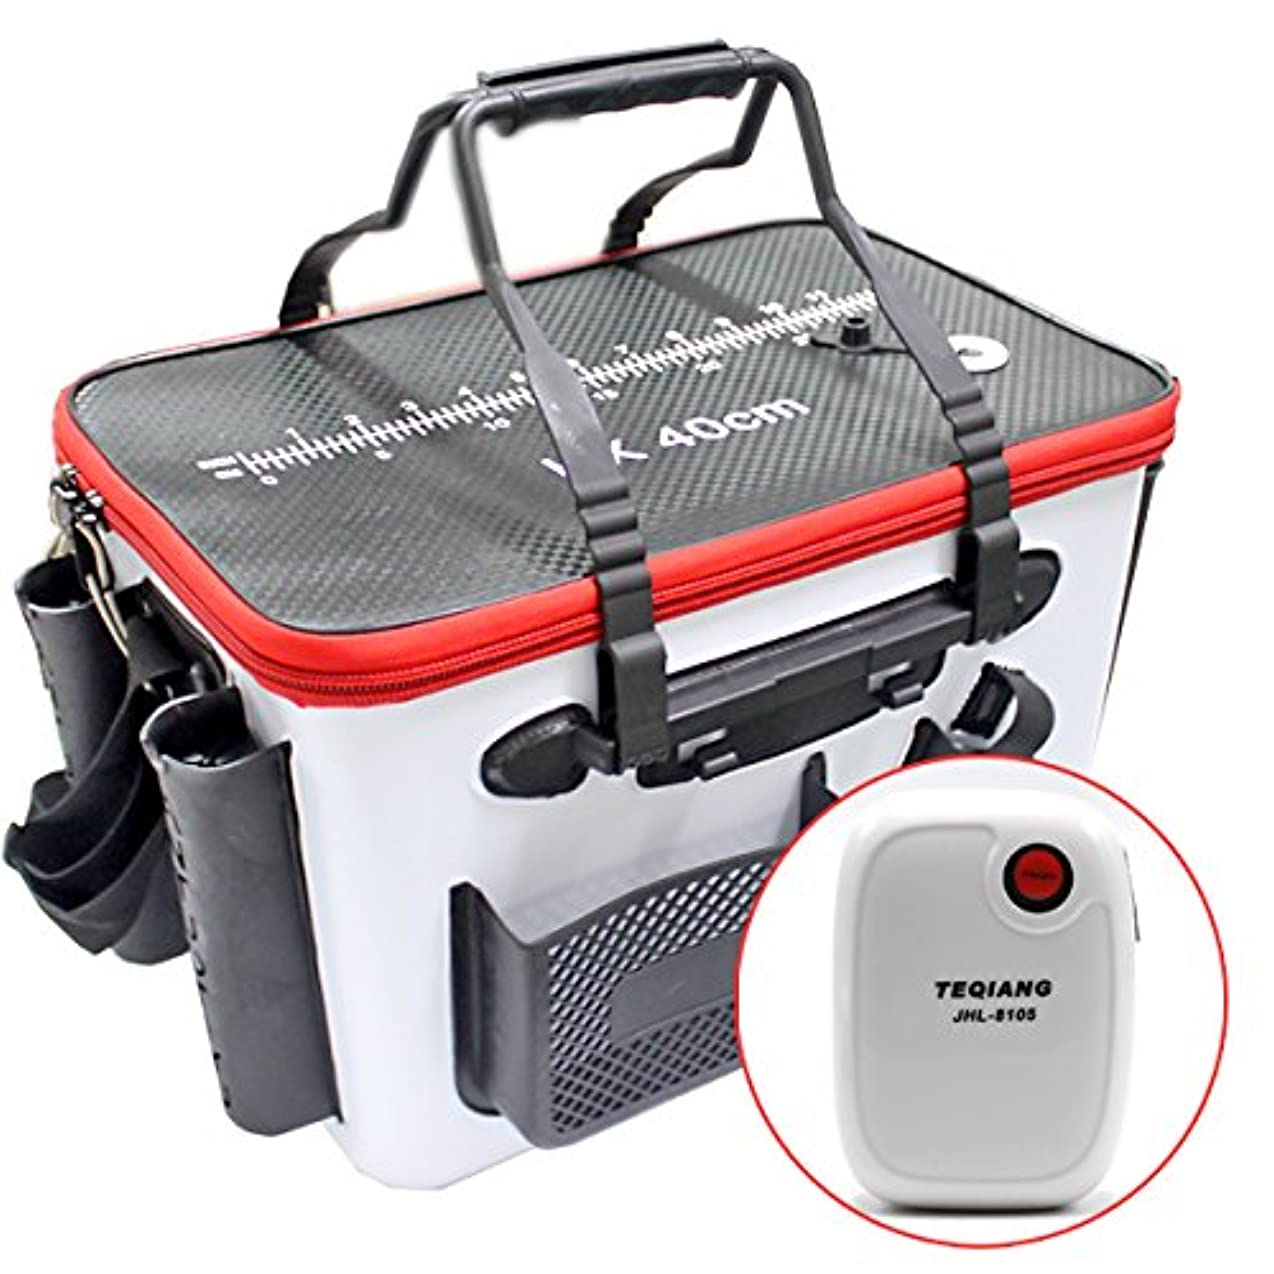 類人猿コンソール旅客EVA タックルバッグ キーパーバッカン 充電式エアーポンプ付 セット フィッシュキープ ロッドホルダー付